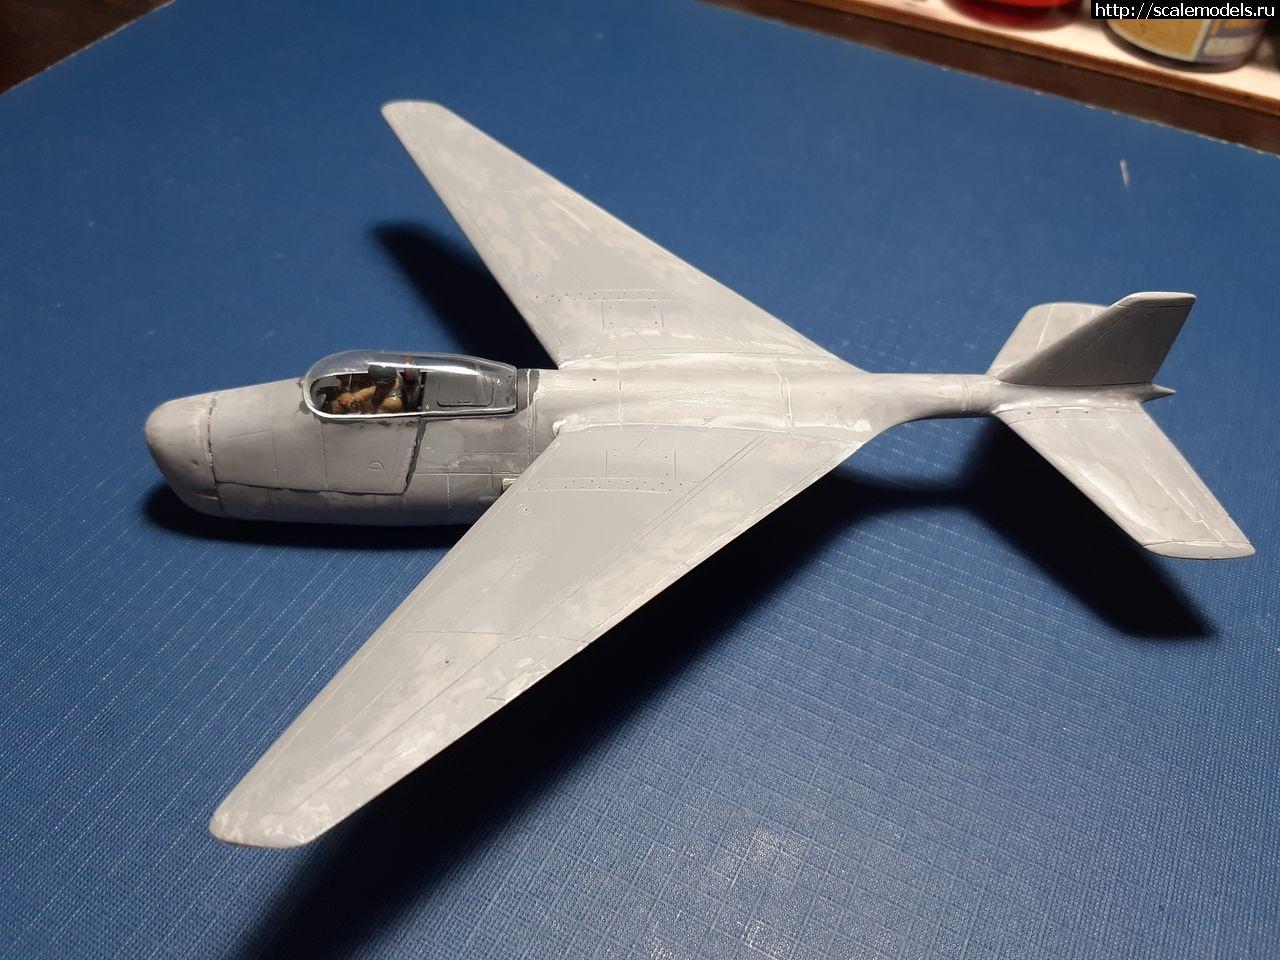 #1648011/ Blohm & Voss BV P.209.02 1:72 Airmodel (ГОТОВО) Закрыть окно